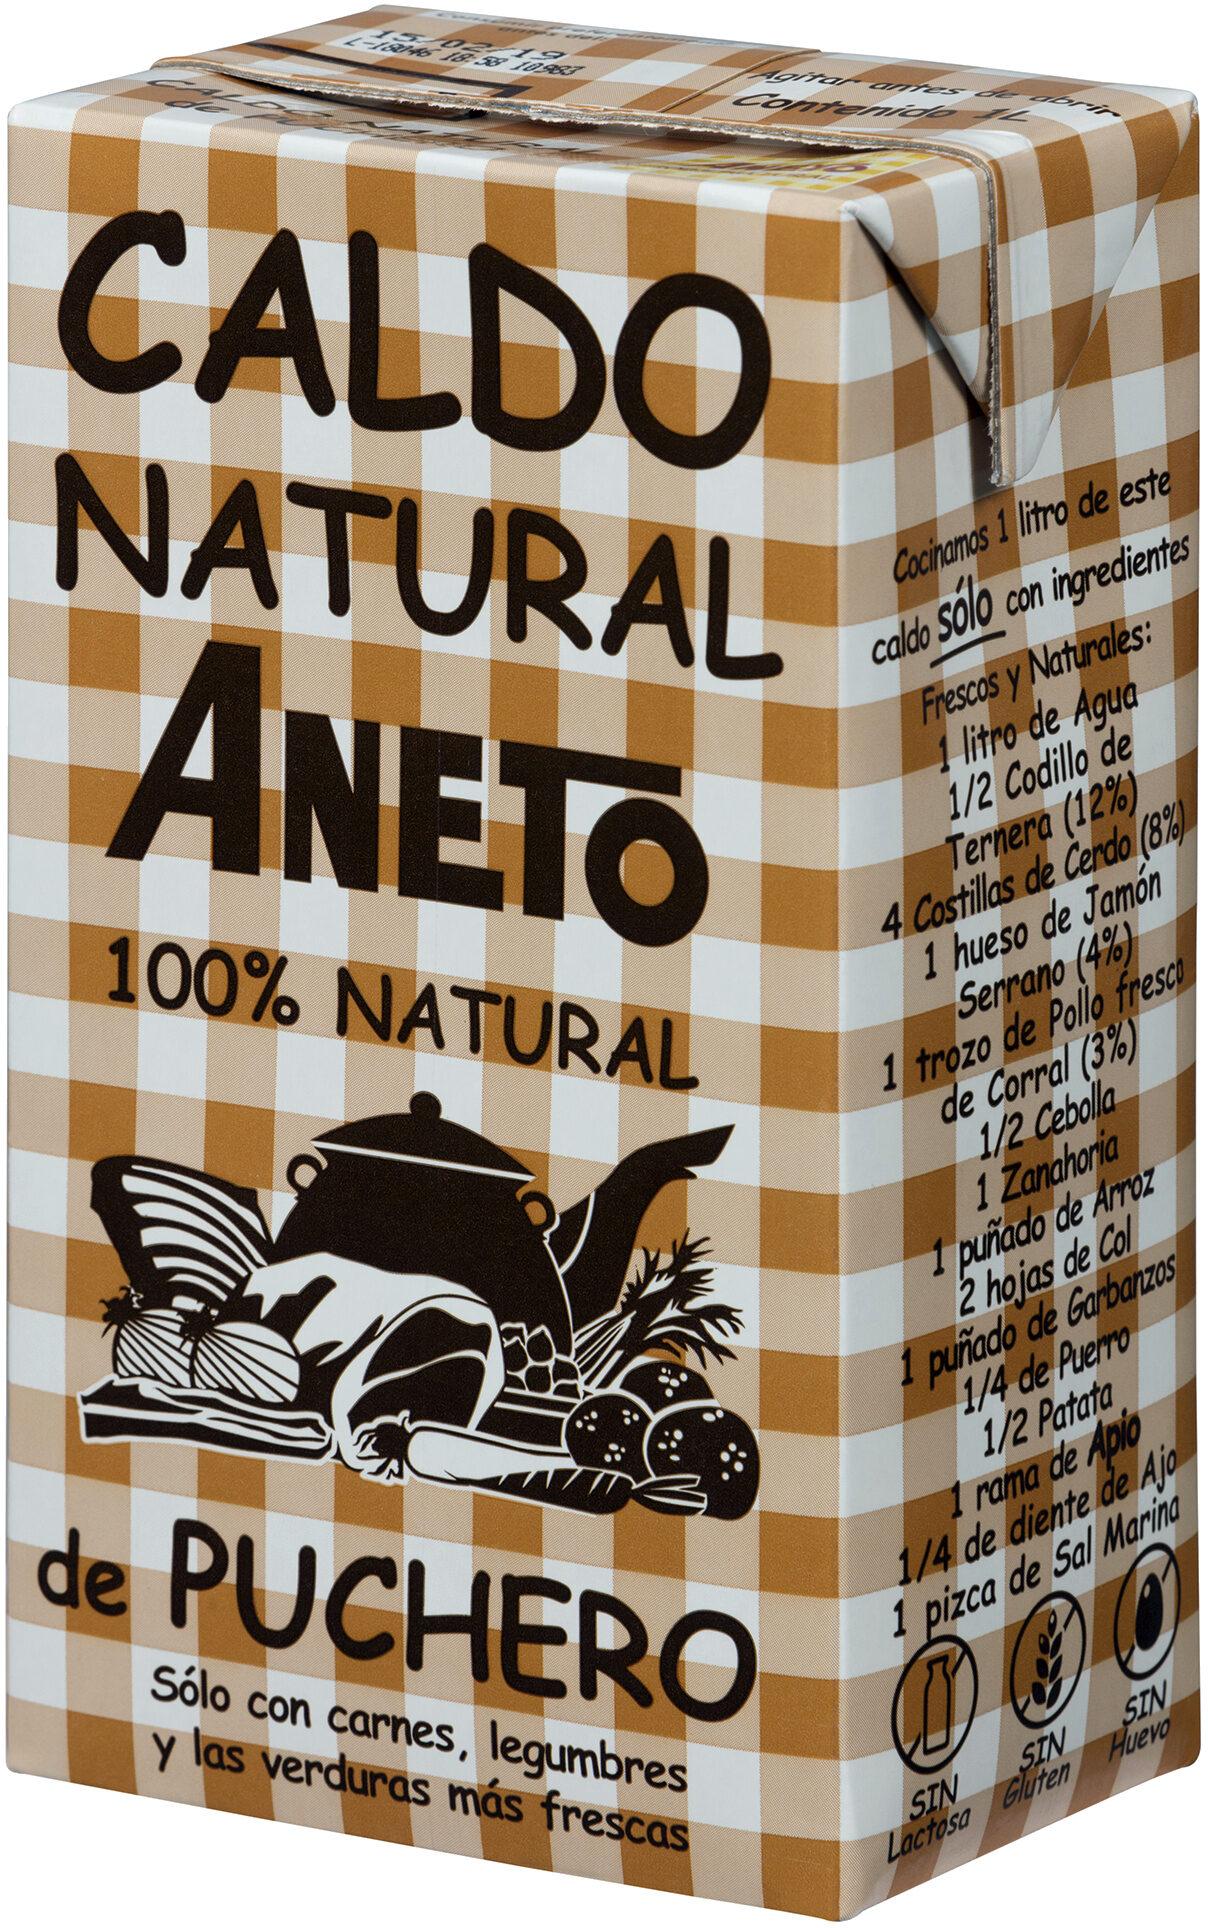 caldo de puchero 100% natural Aneto